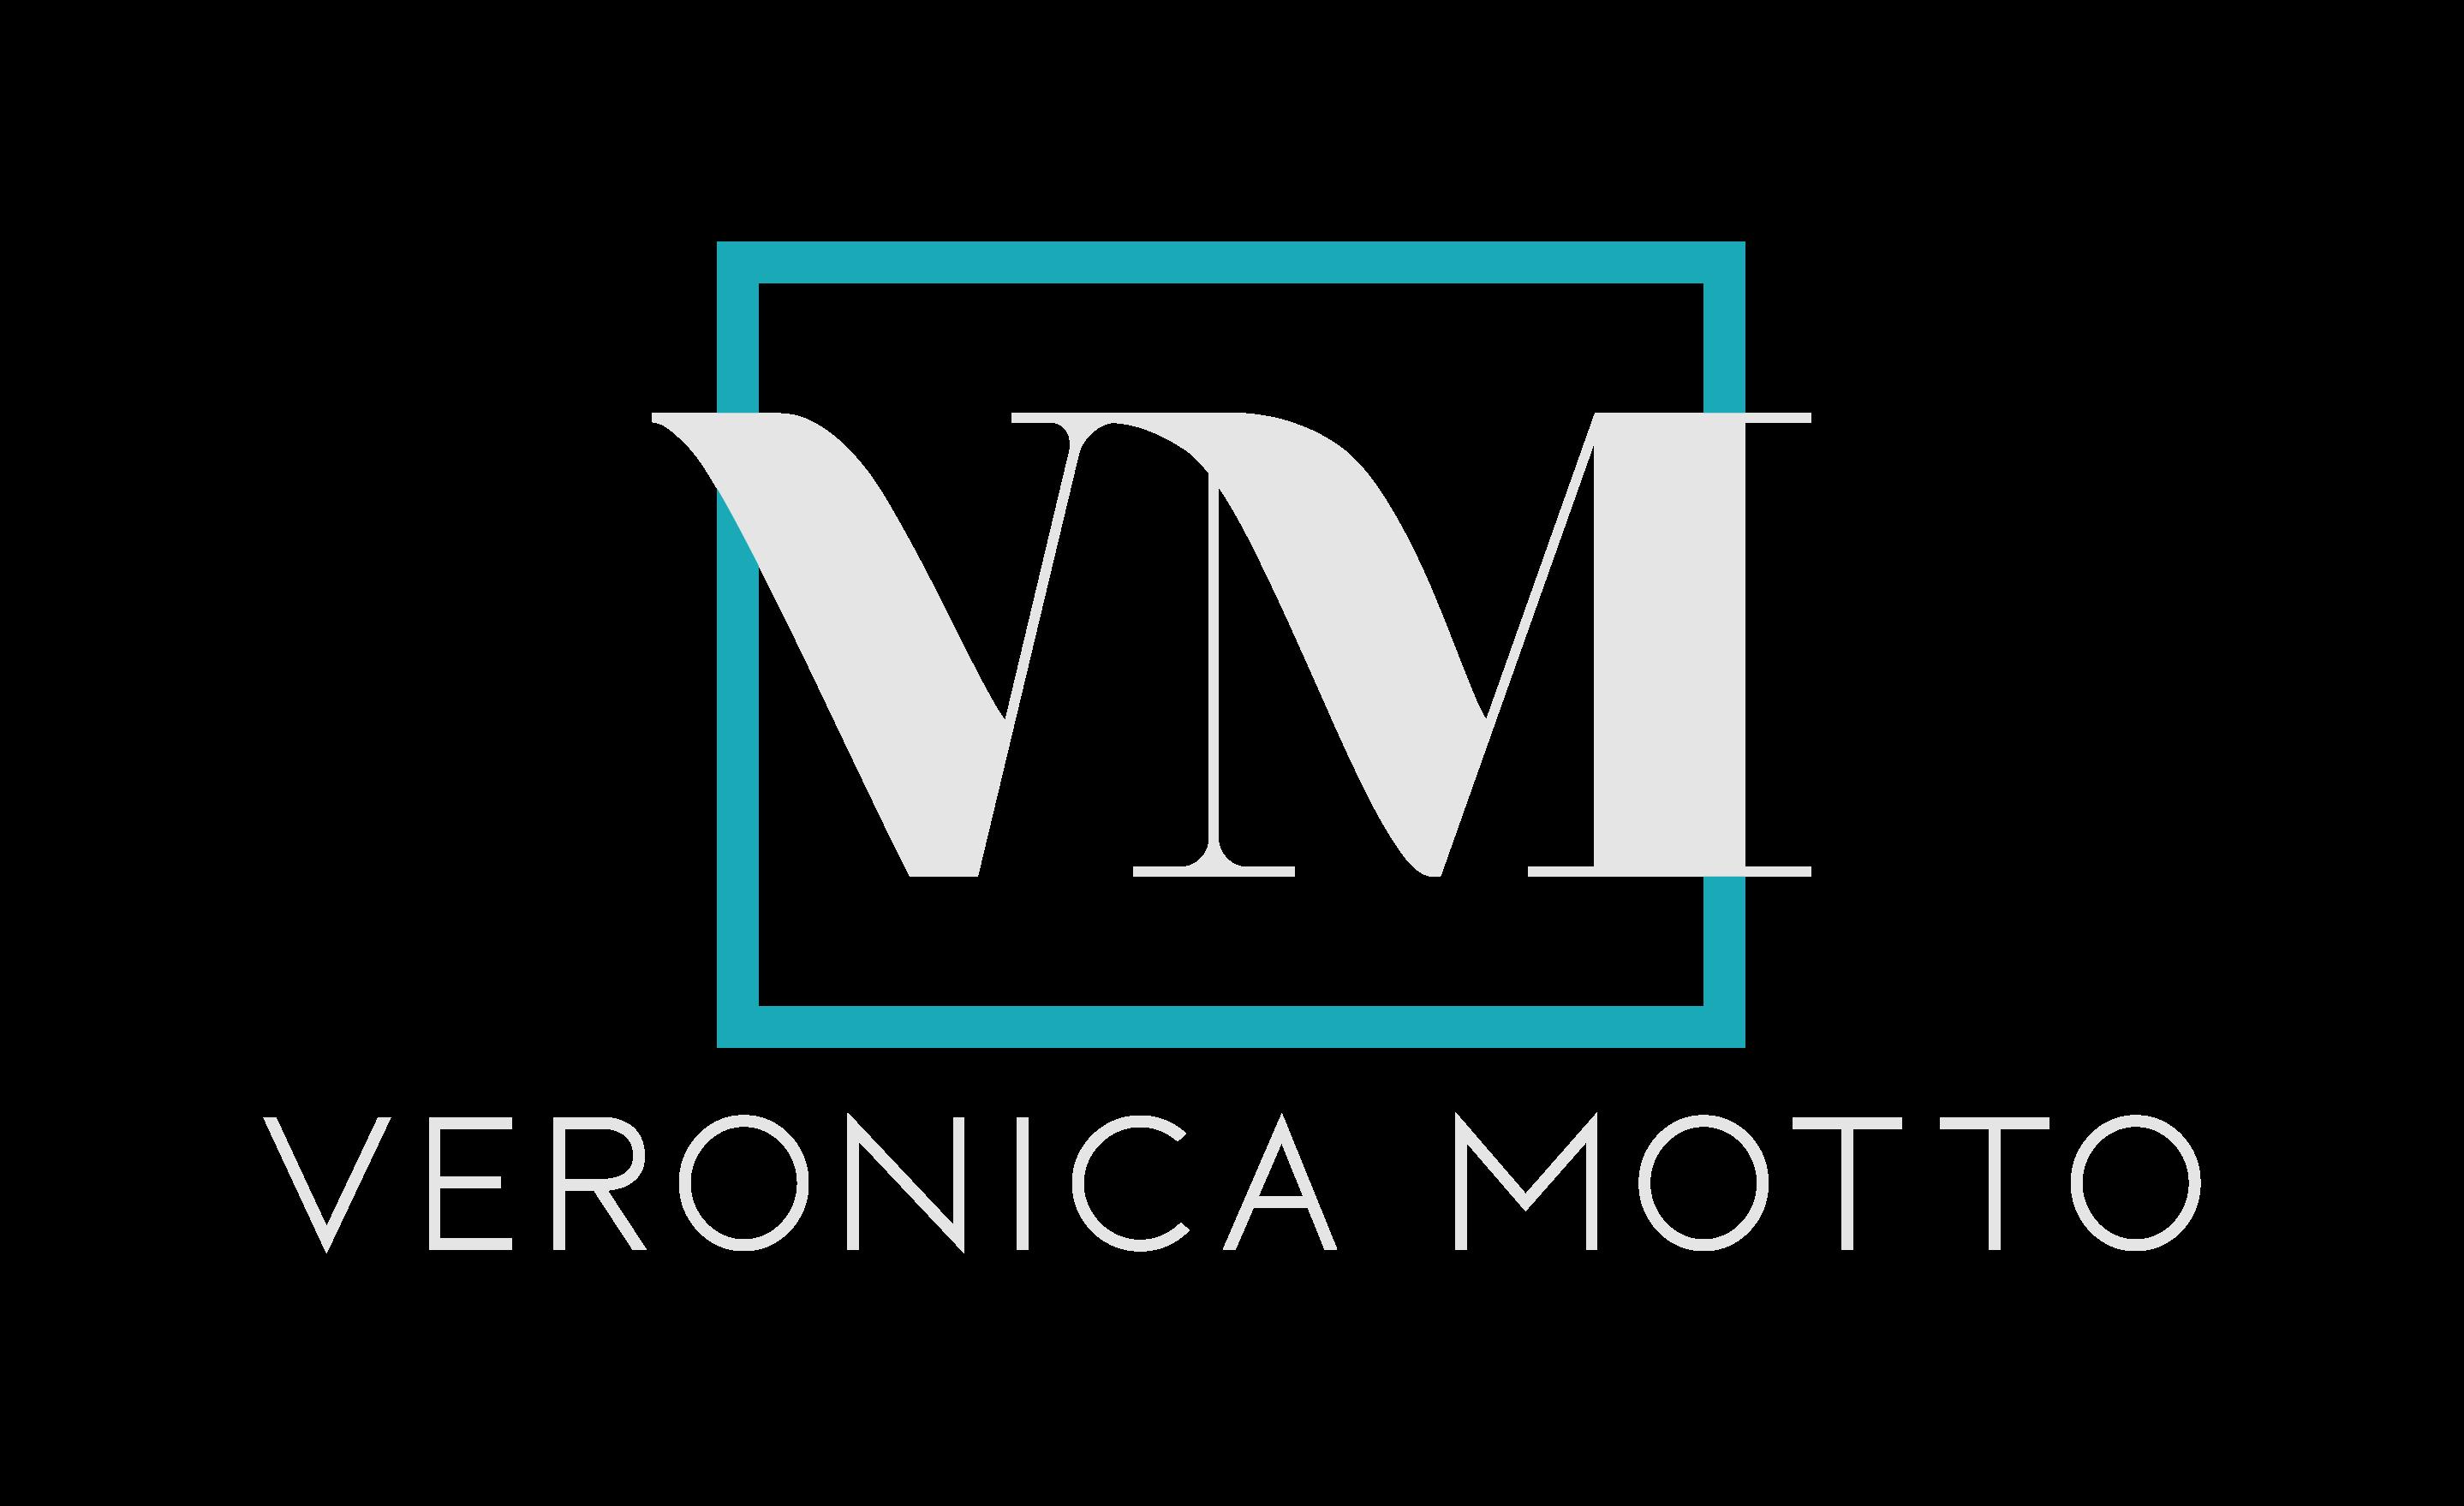 logo Veronica Motto